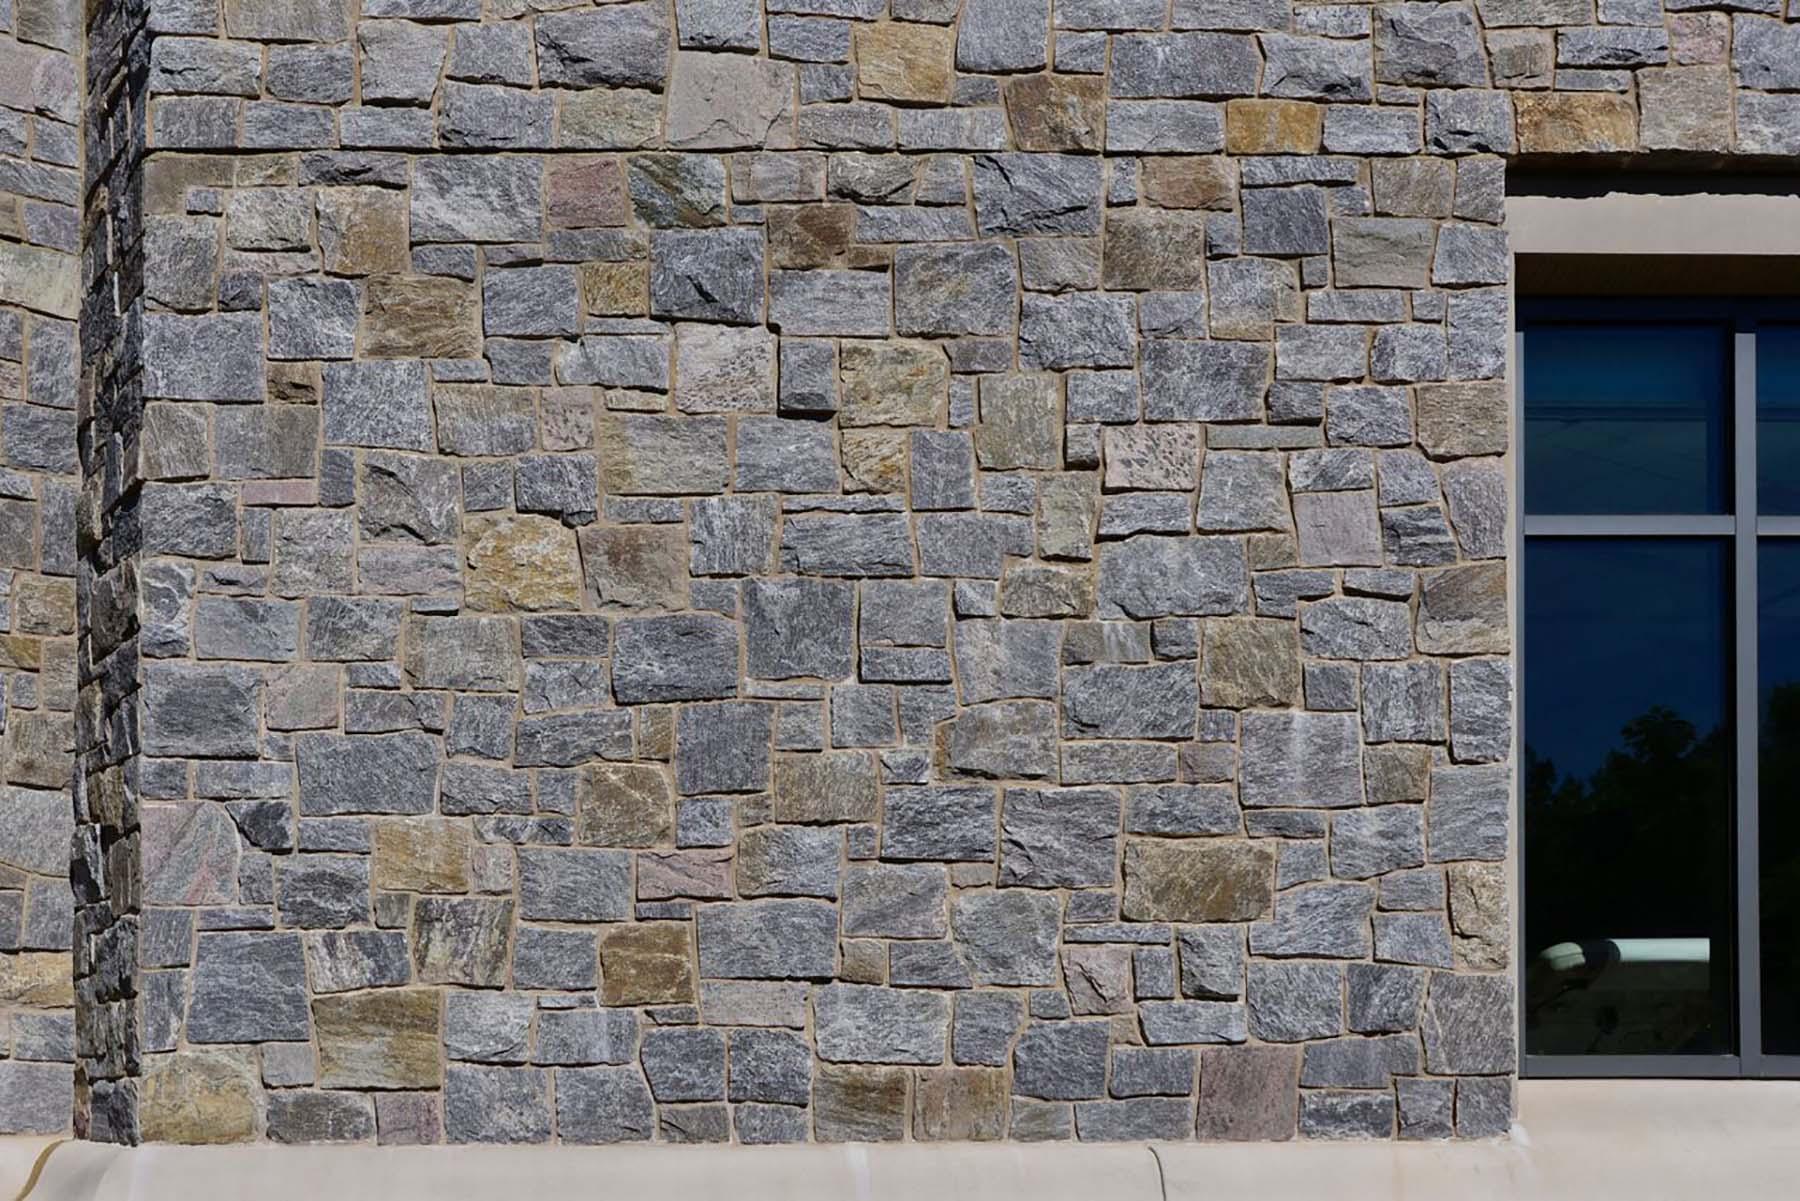 Ticonderoga granite natural stone wall